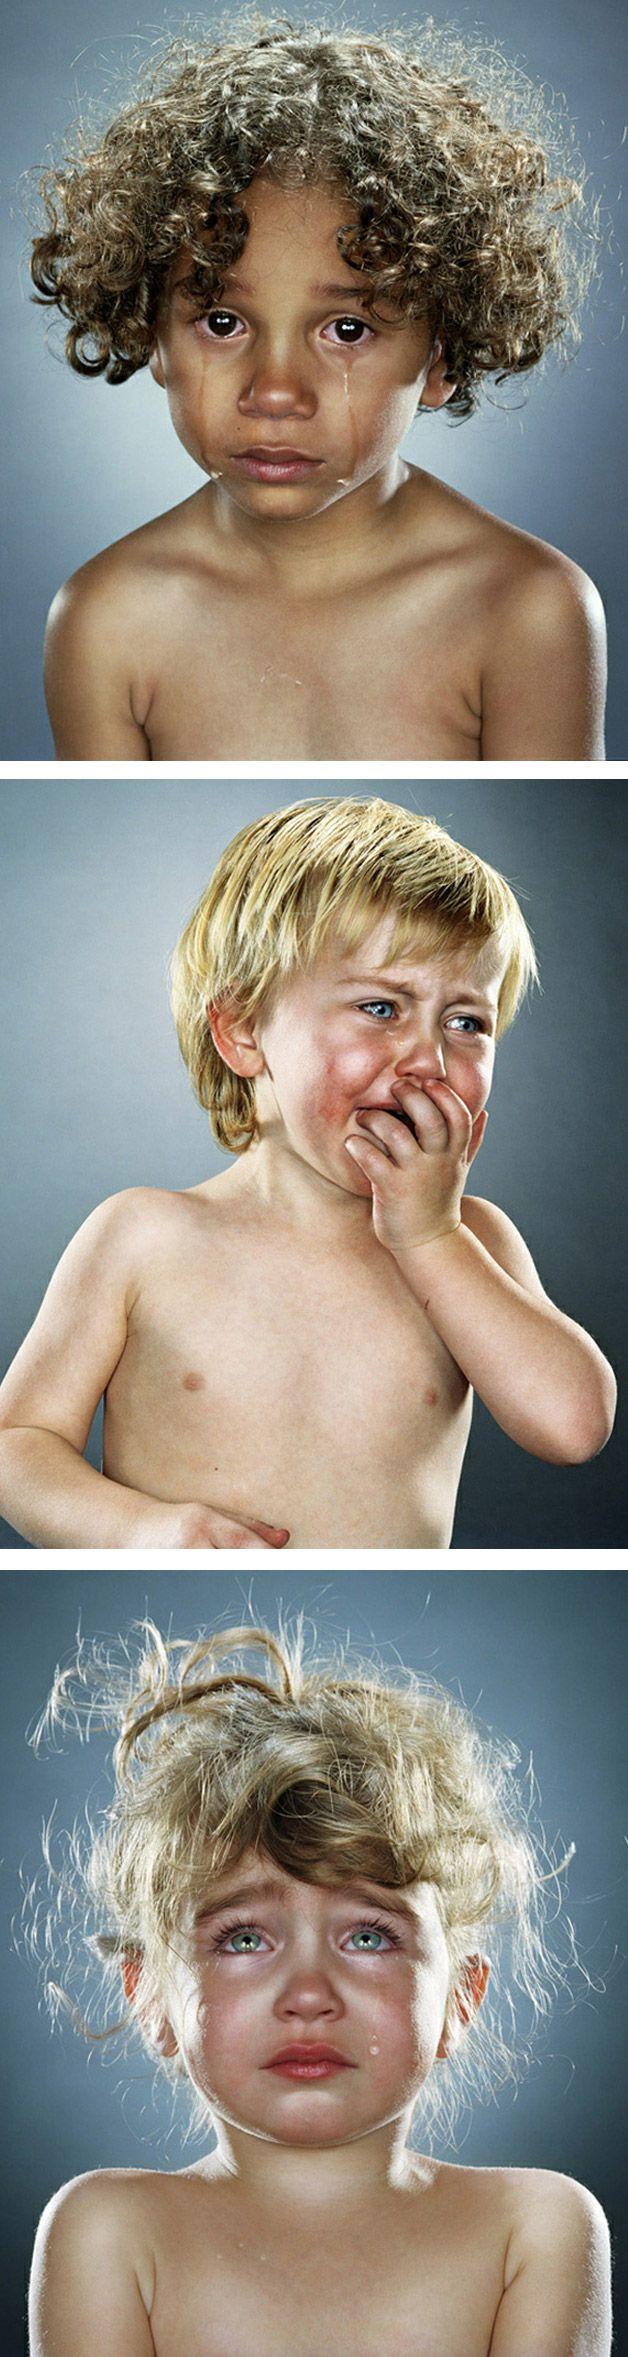 Criança chorando não é legal. Mas olha esses olhos...